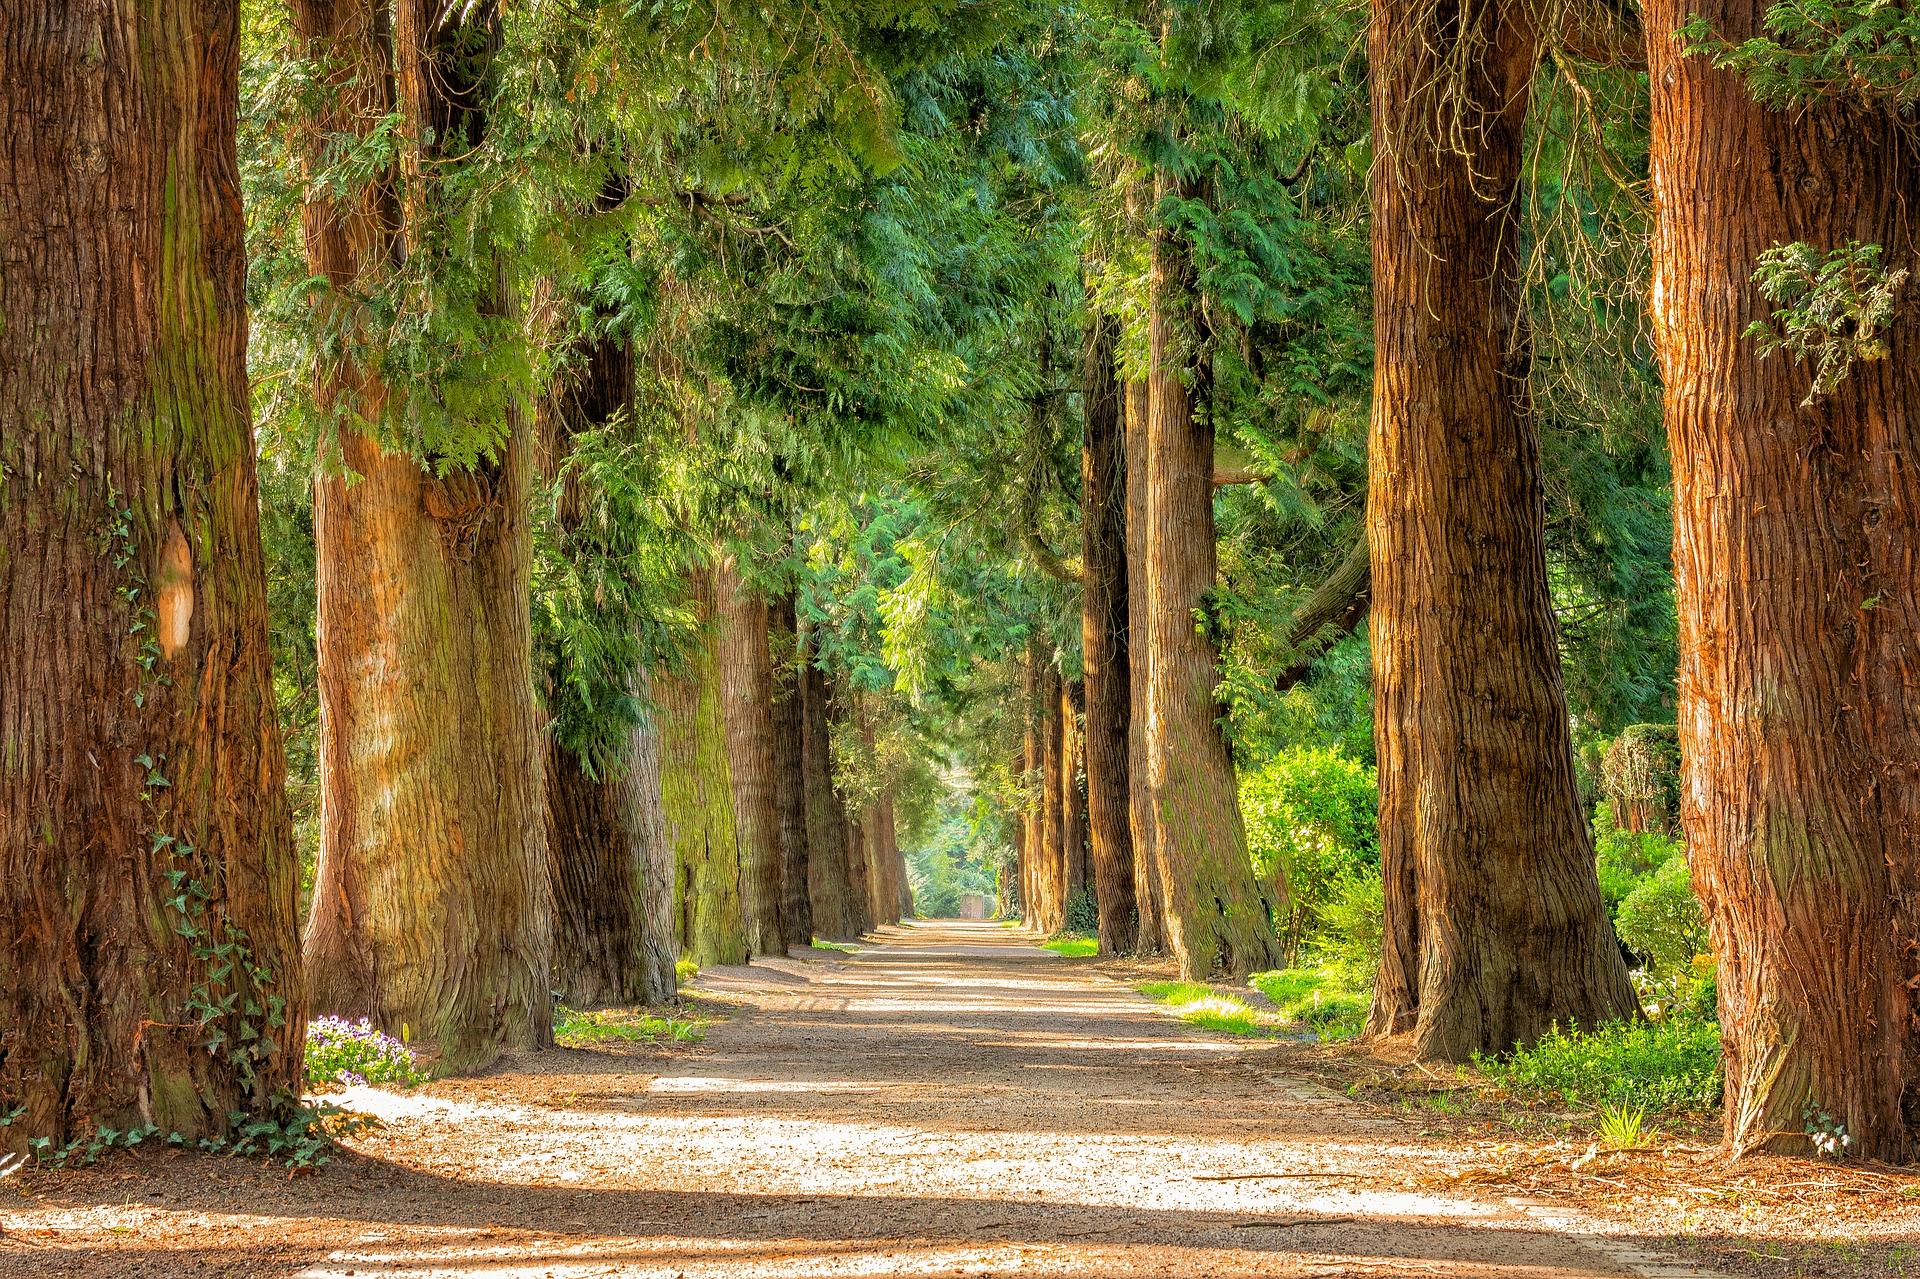 Choisir les essences d'arbre de son parc